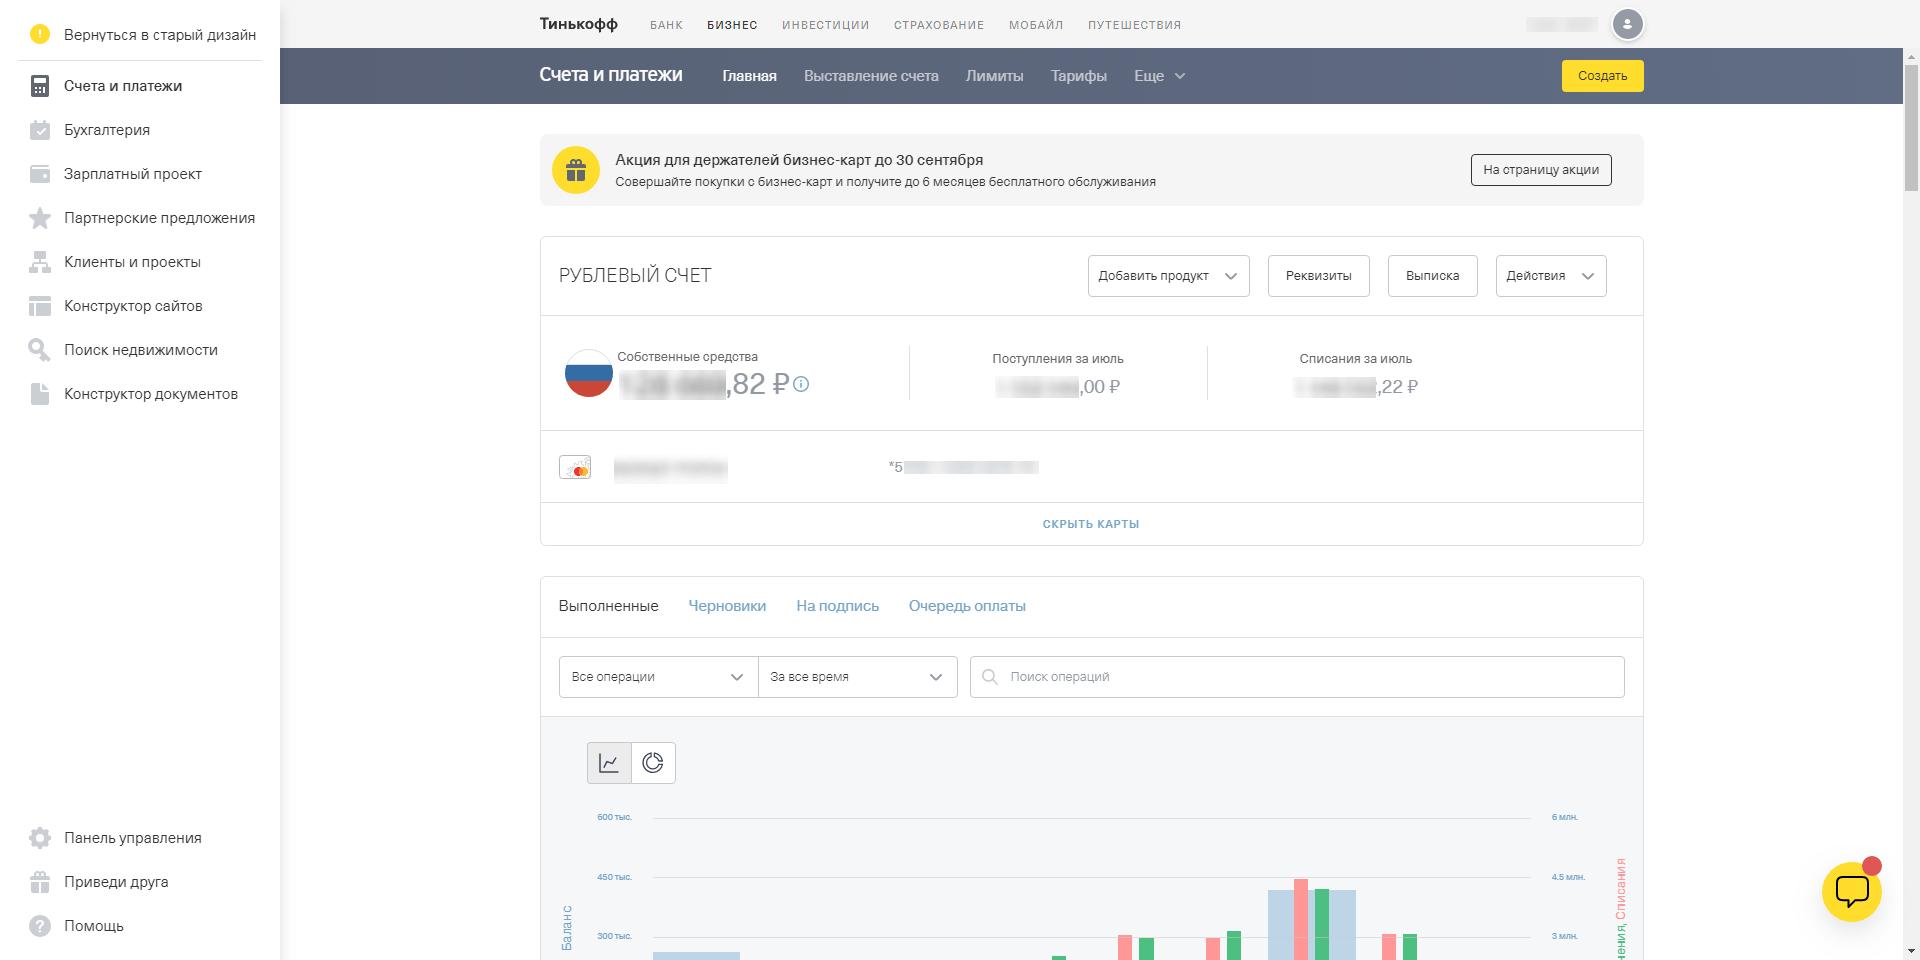 Стартовая страница Тинькофф Бизнес. Где можно увидеть остаток на счете, динамику счета, обороты за месяц.